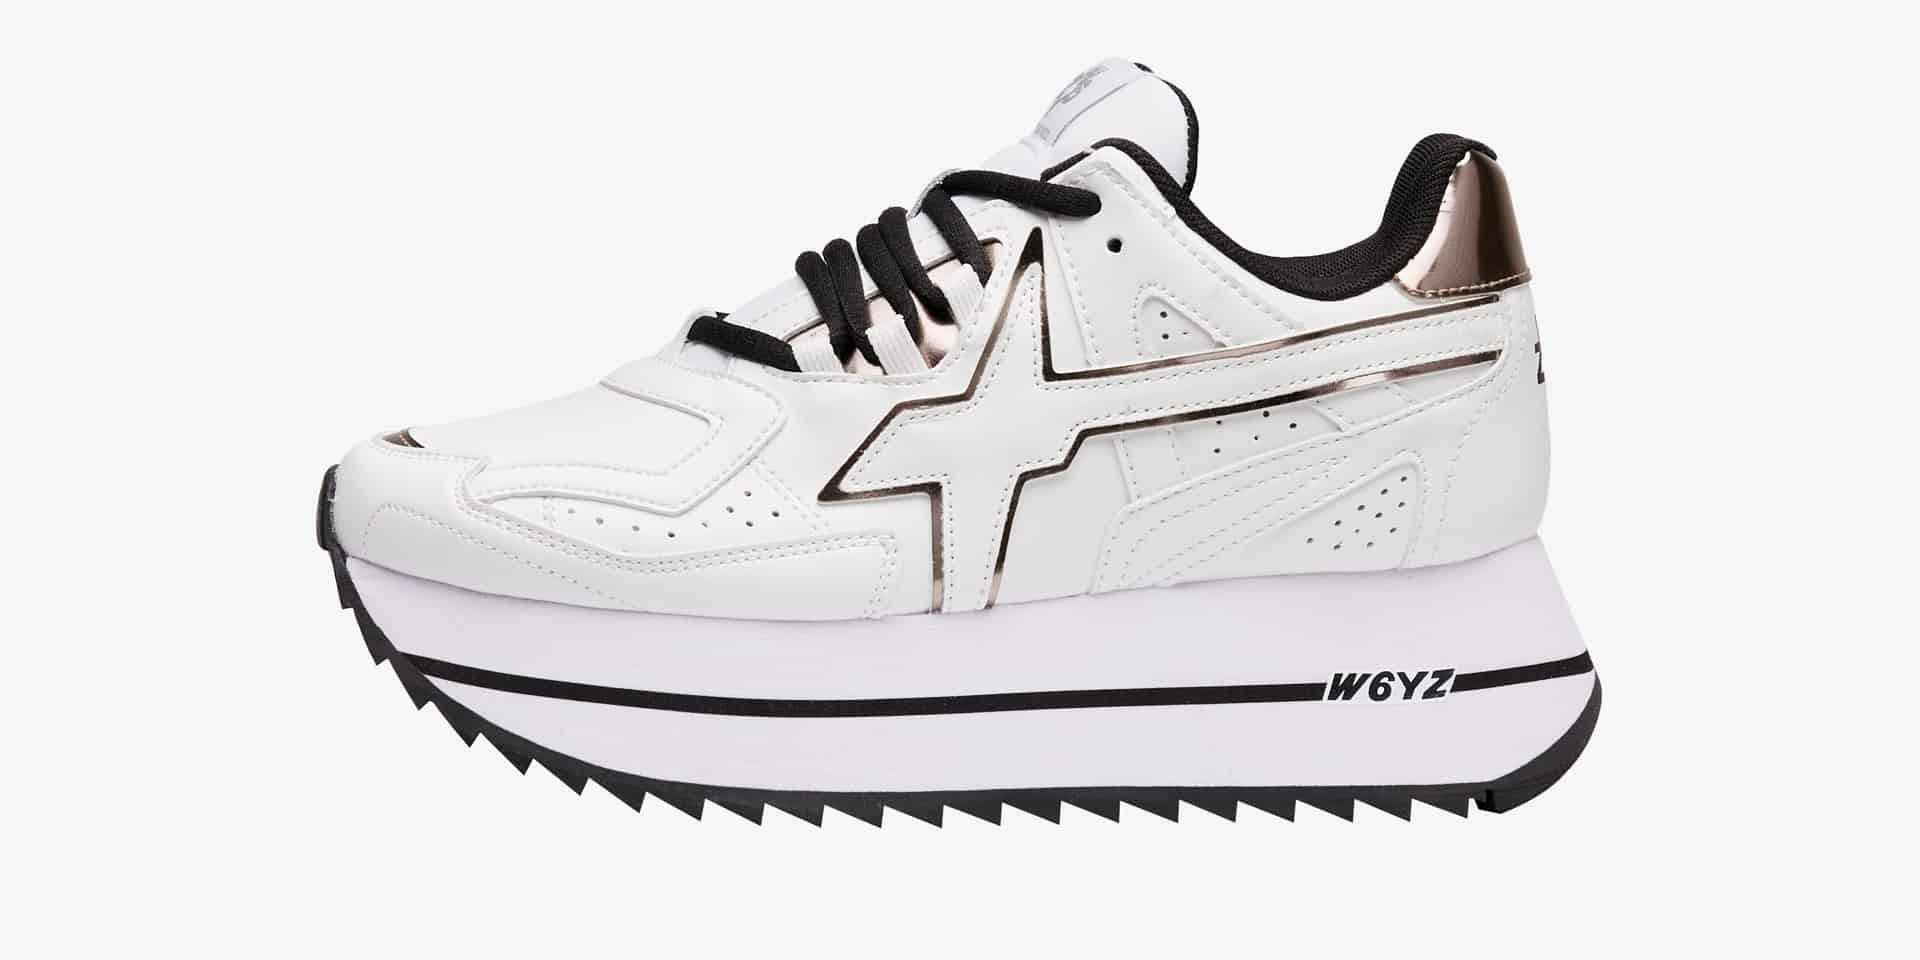 DEB-W. - Sneaker in pelle vegana - Bianco